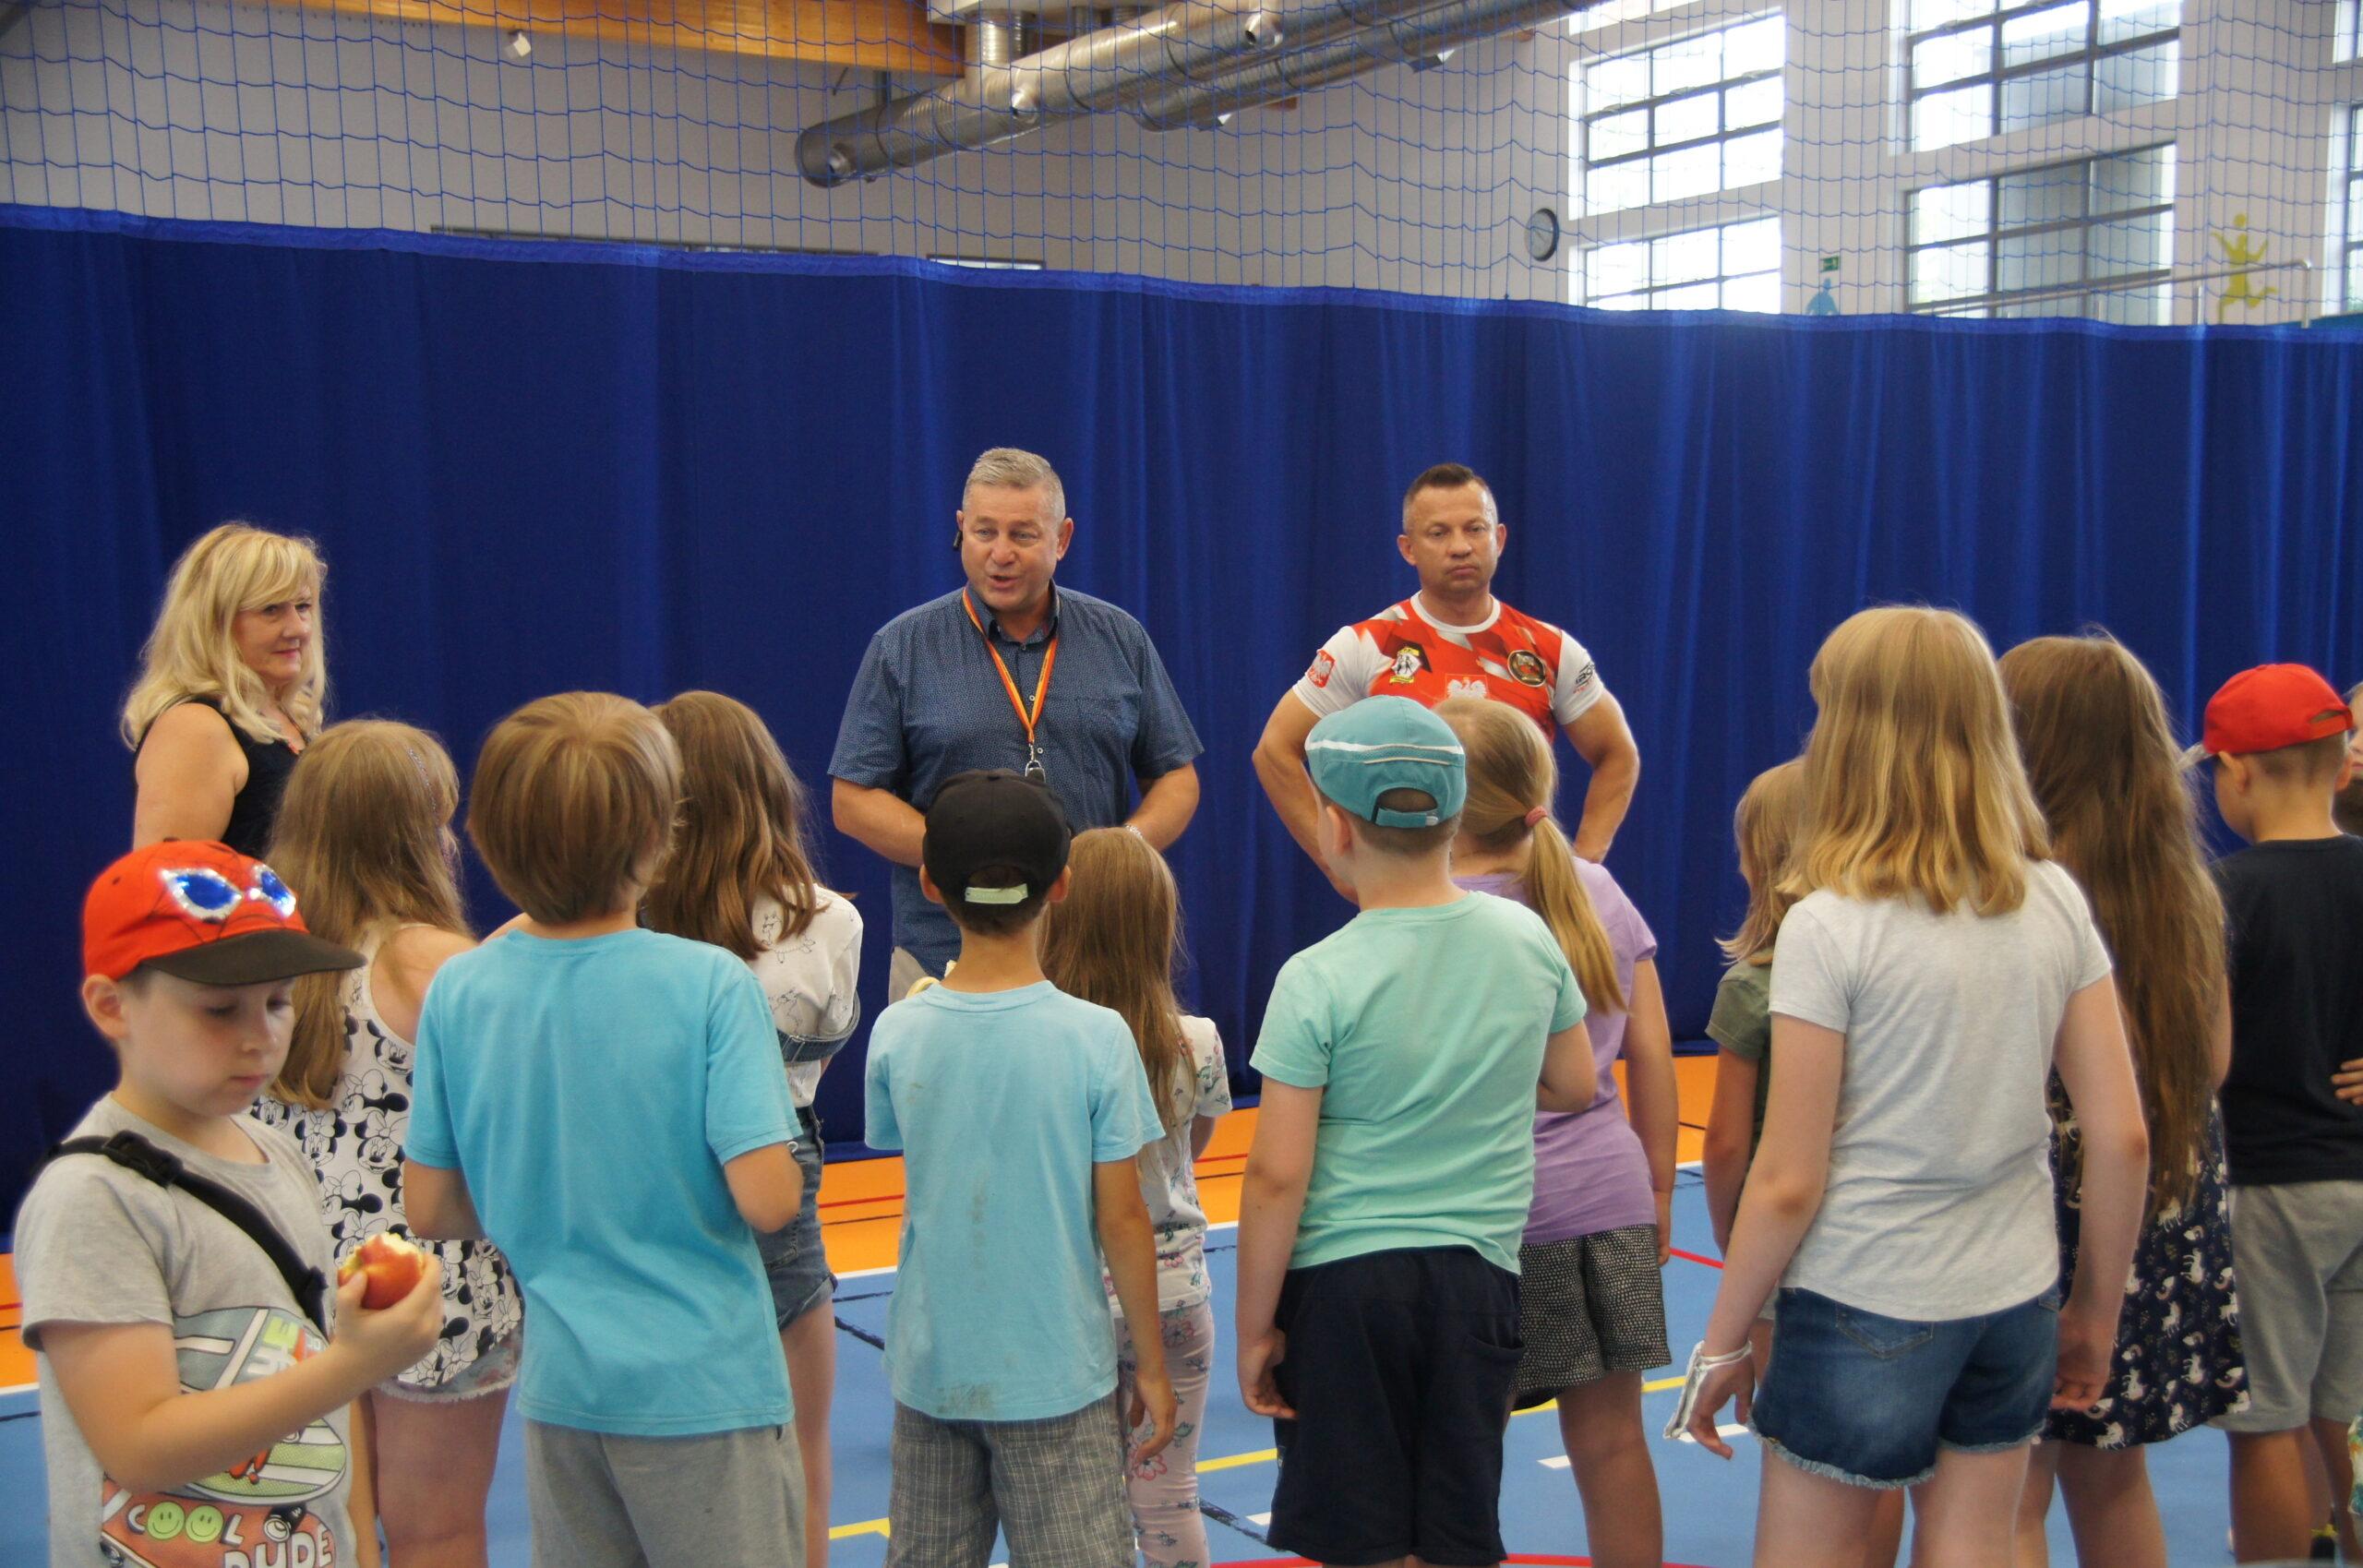 Grupa dzieci słuchająca pogadanki oraz 3 osoby dorosłe.